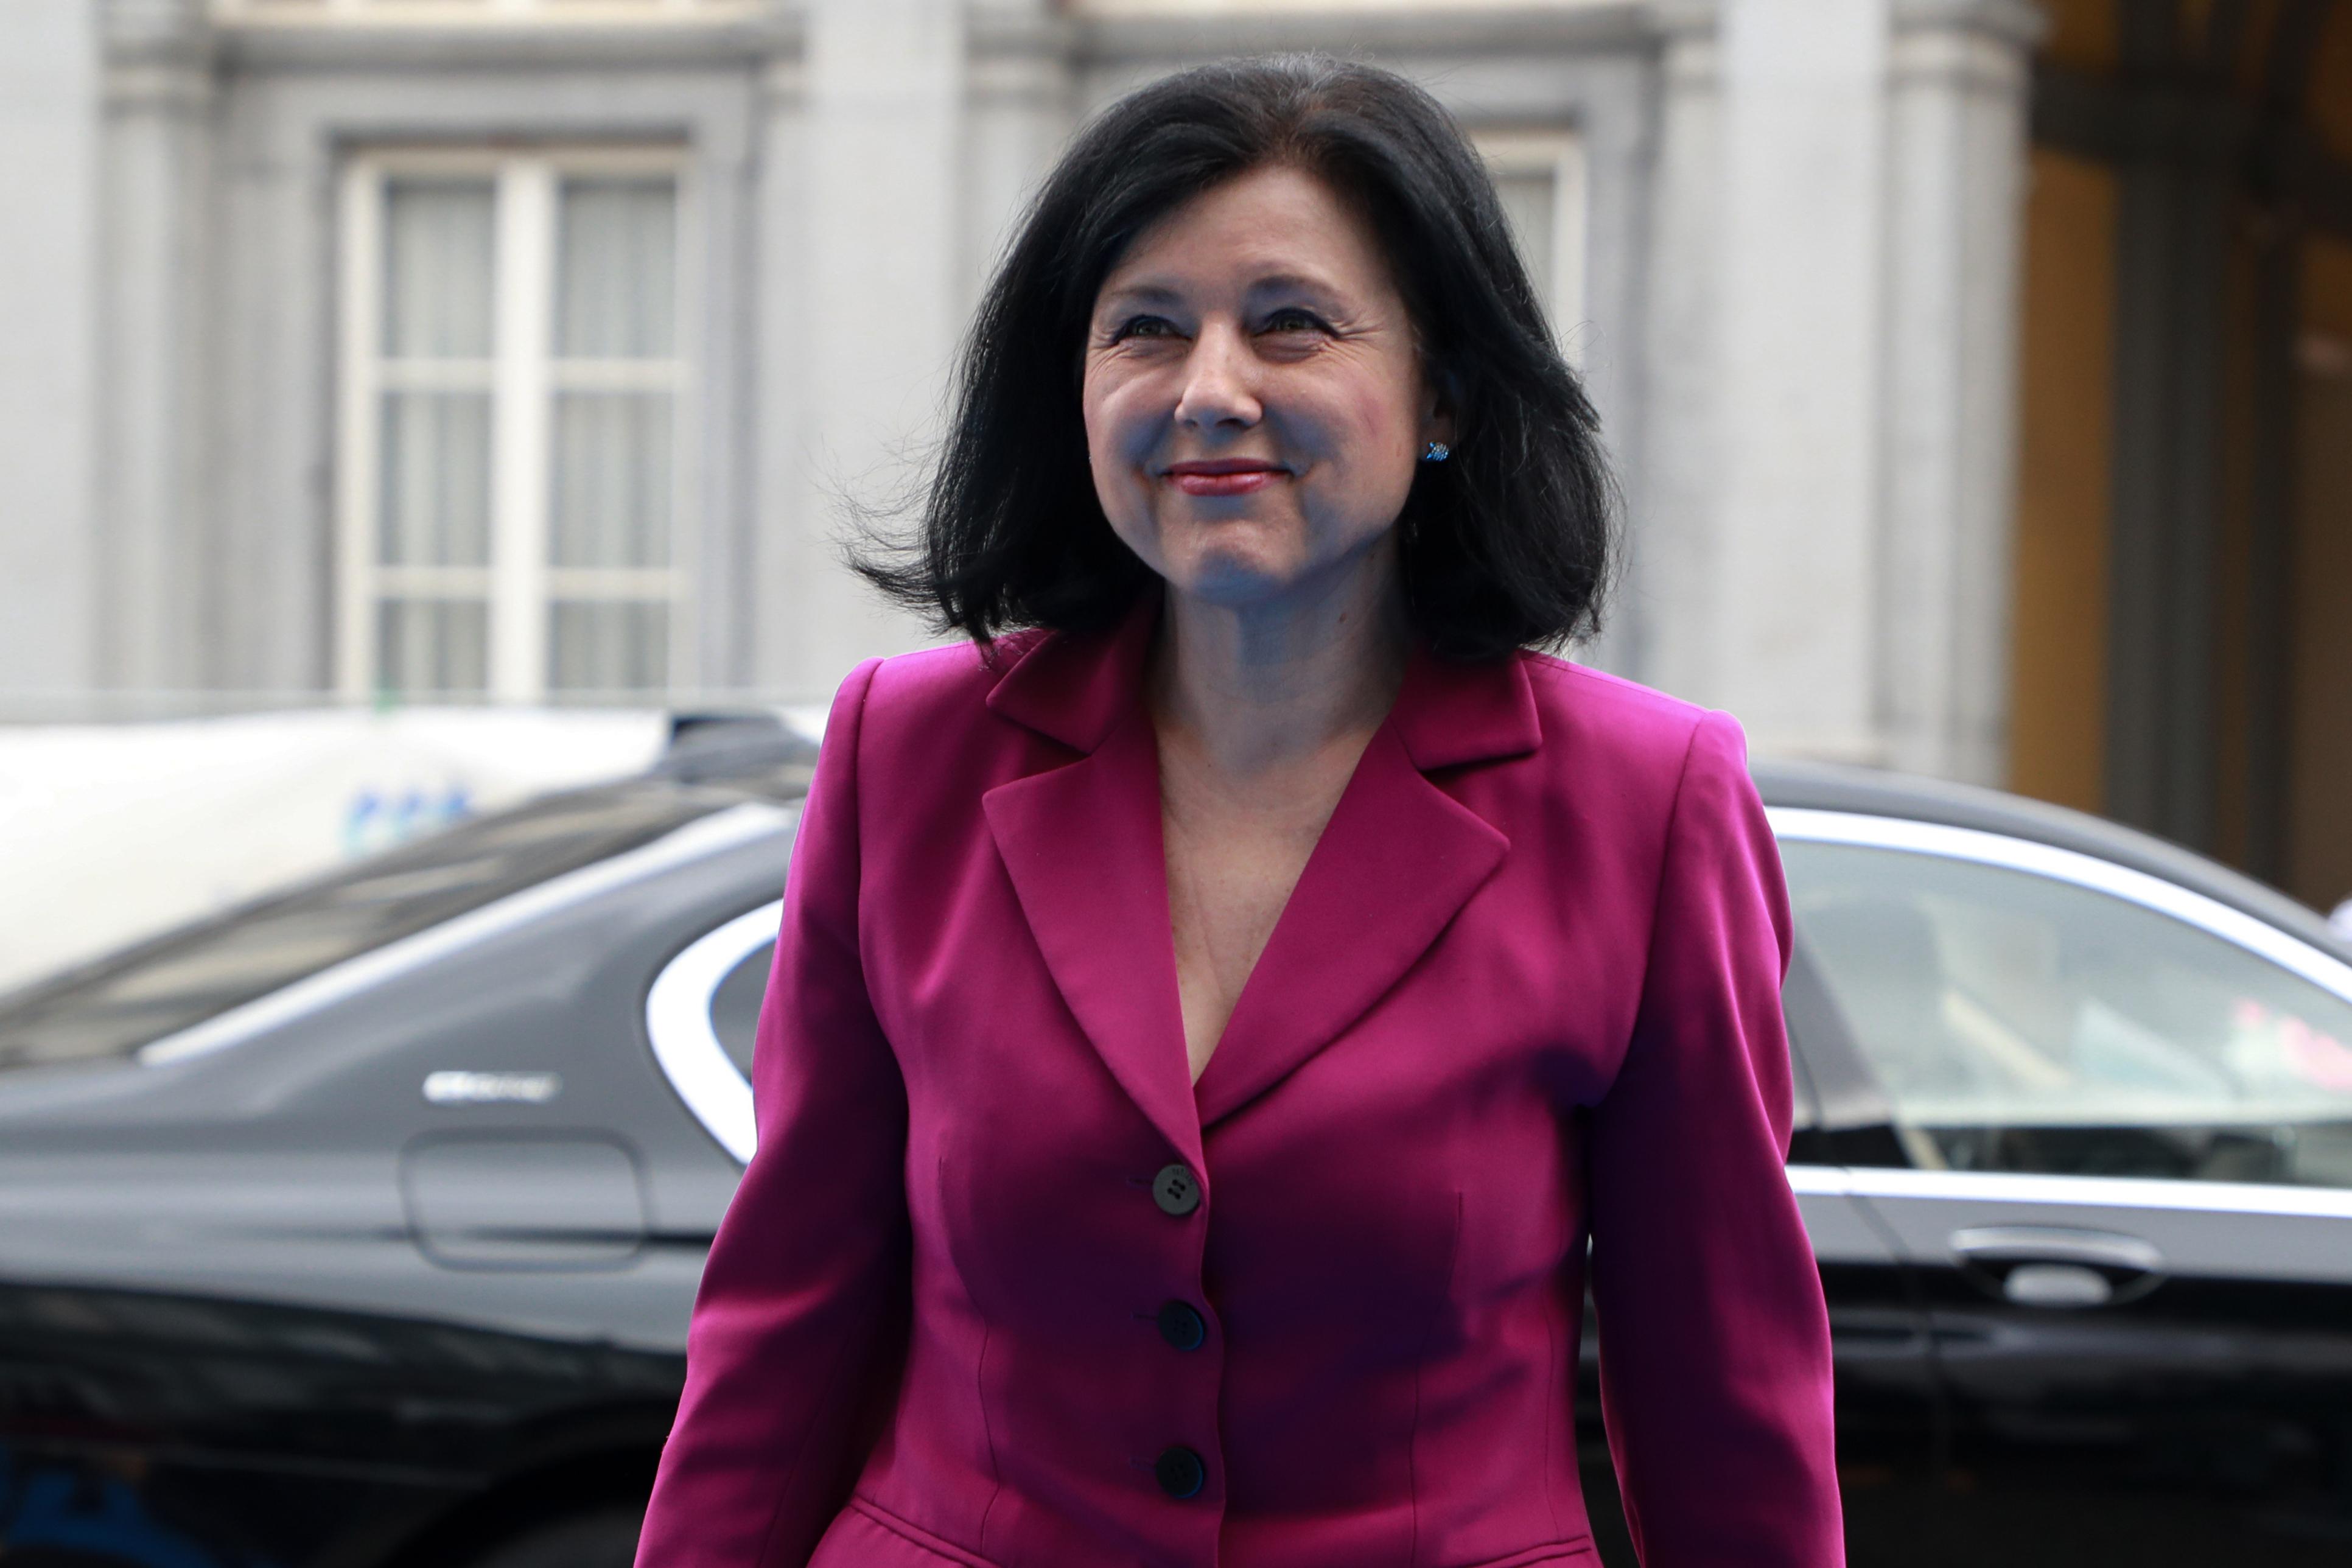 Vera Jourová szerint nincs ok az aggodalomra, hónapok kérdése, és az EU Bíróság elbírálja a jogállamisági mechanizmus jogszerűségét